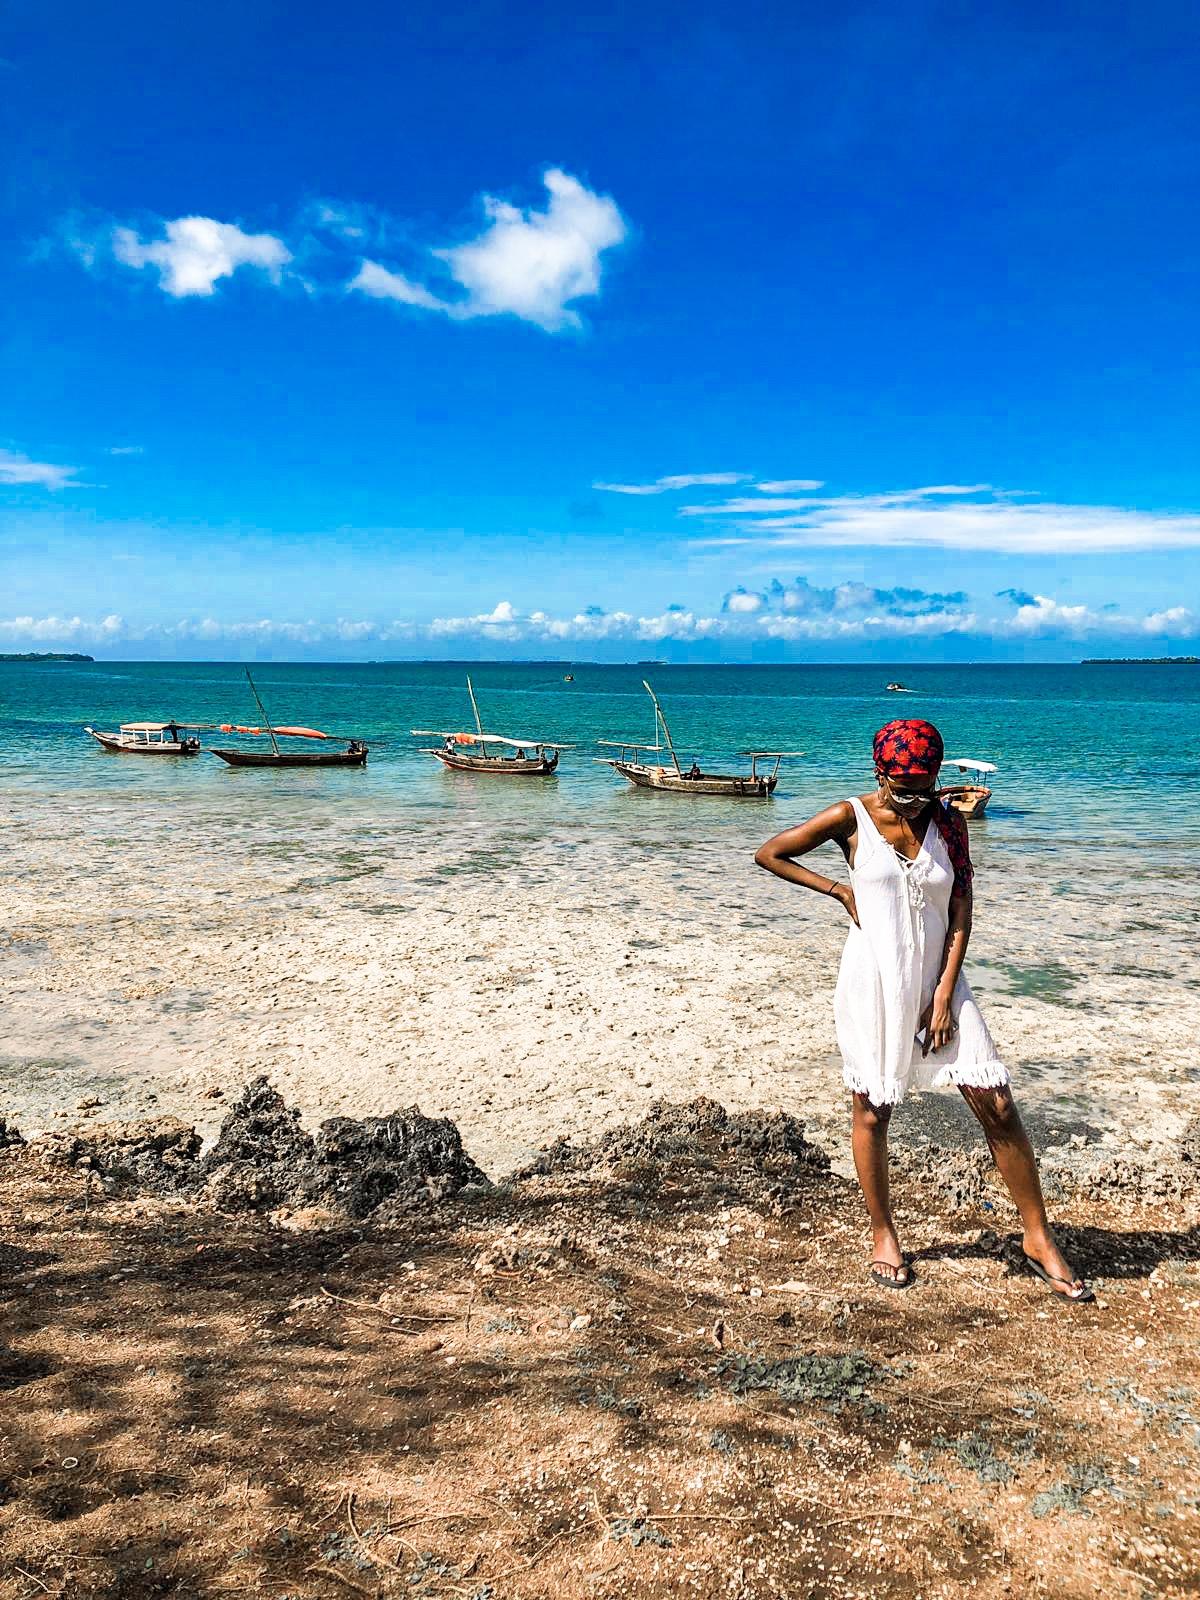 Know before you go to Zanzibar